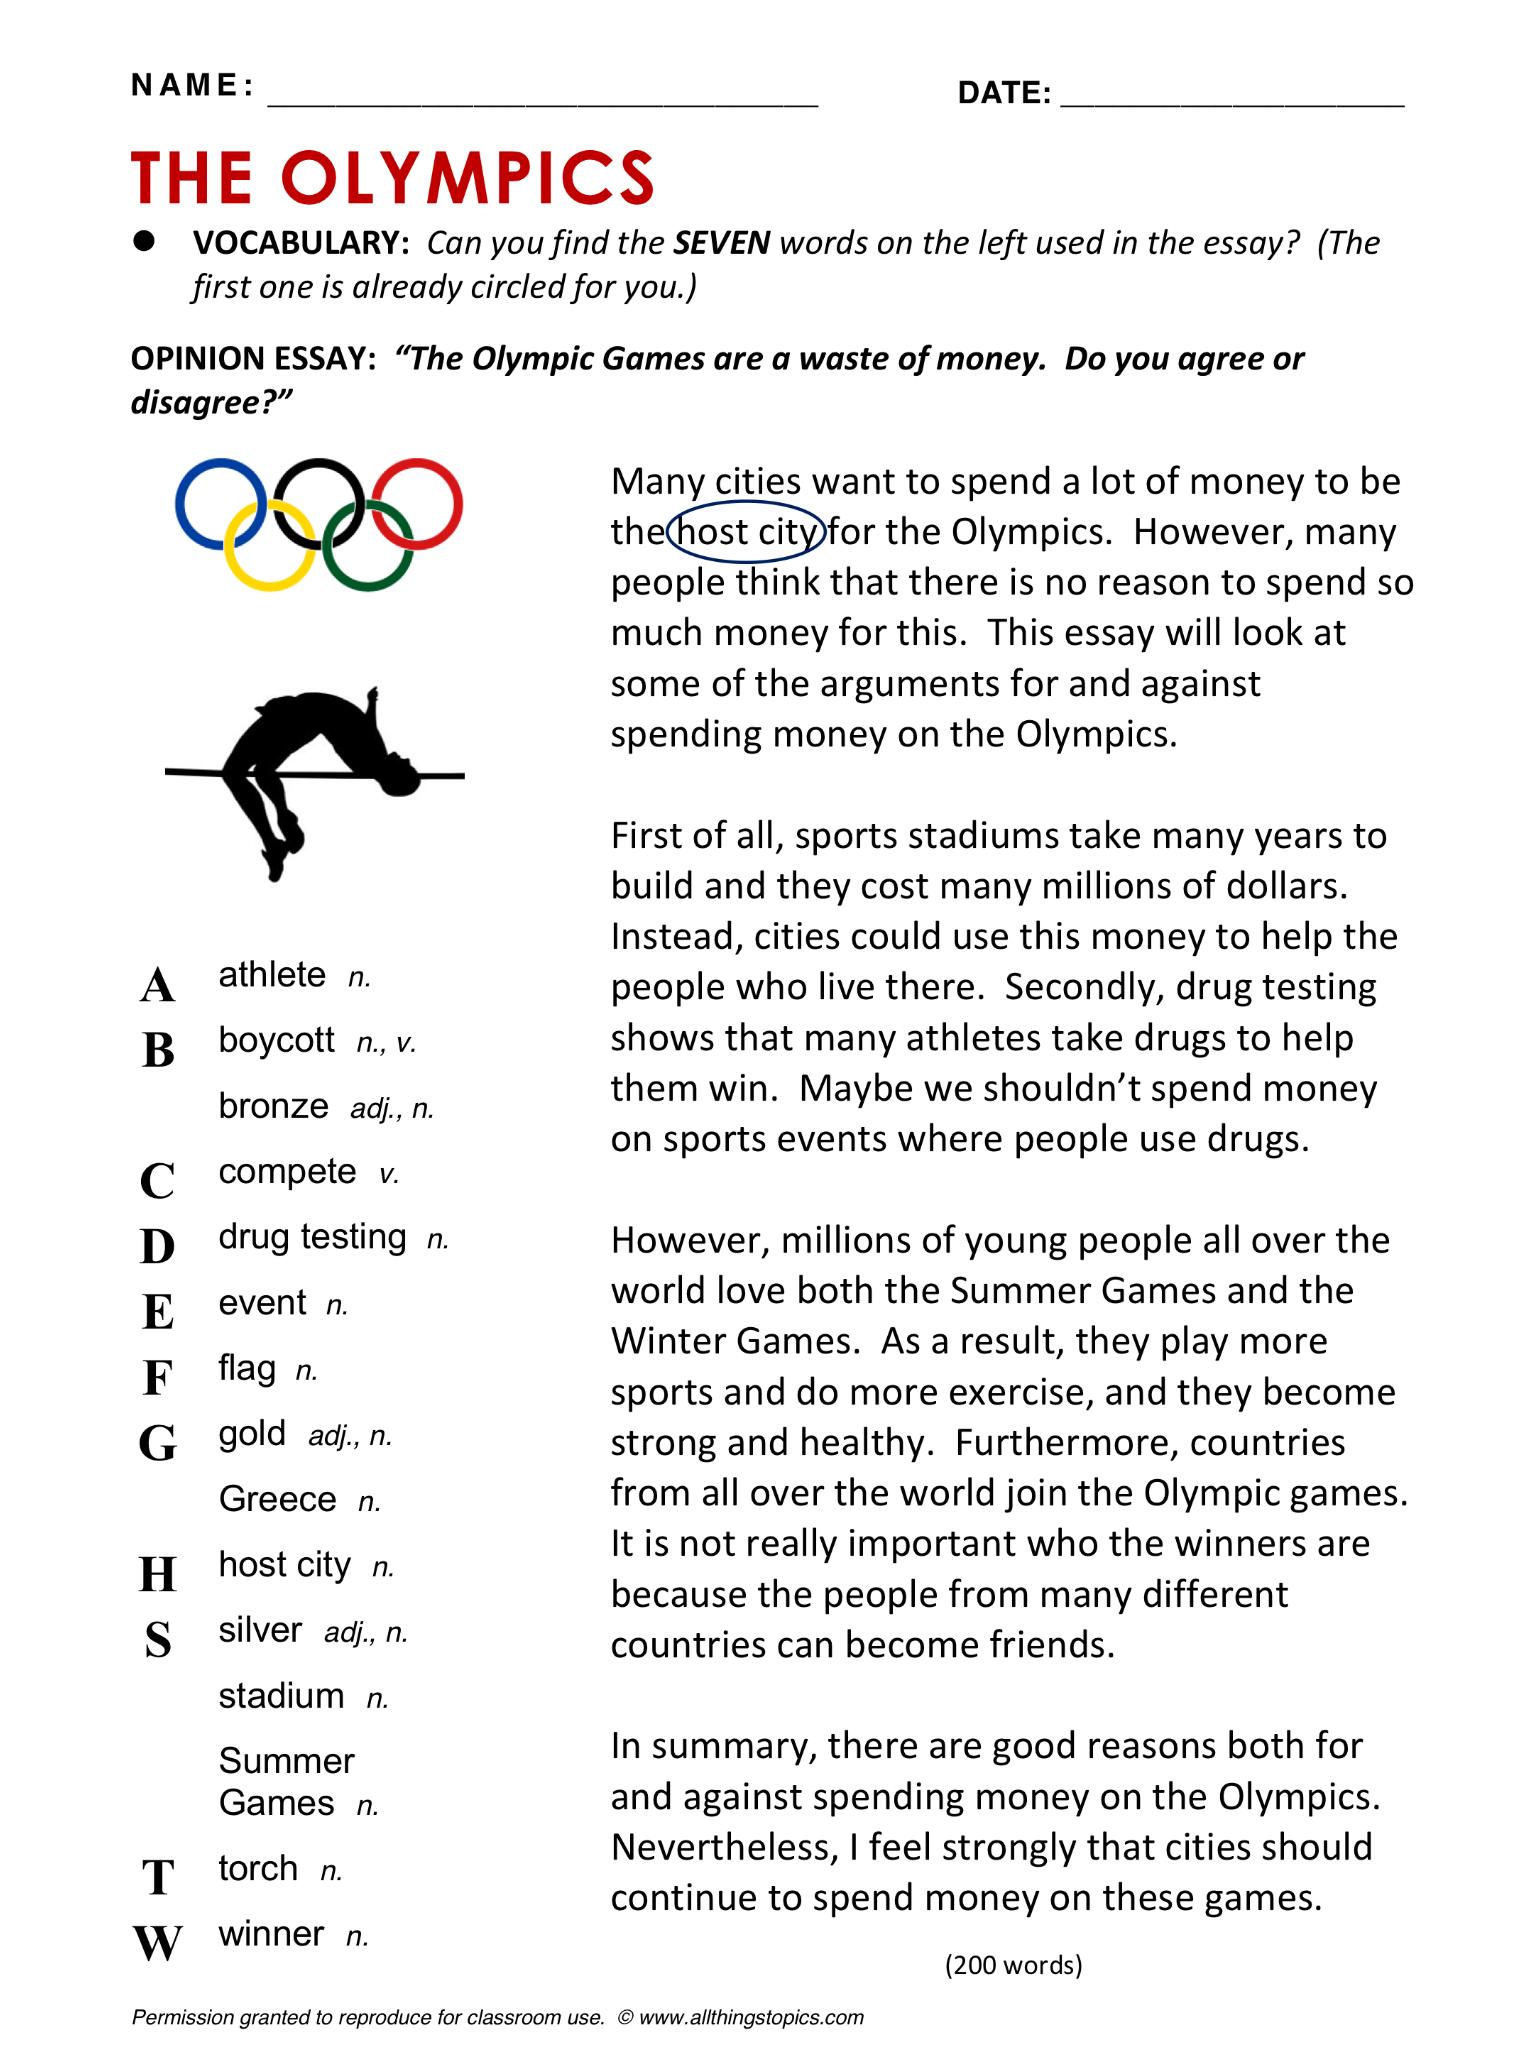 Olympics English Learning English Vocabulary Esl English Phrases Http Www Allthingstopics Co Obuchenie Anglijskomu Prepodavanie Anglijskogo Yazyka Chtenie [ 2048 x 1536 Pixel ]